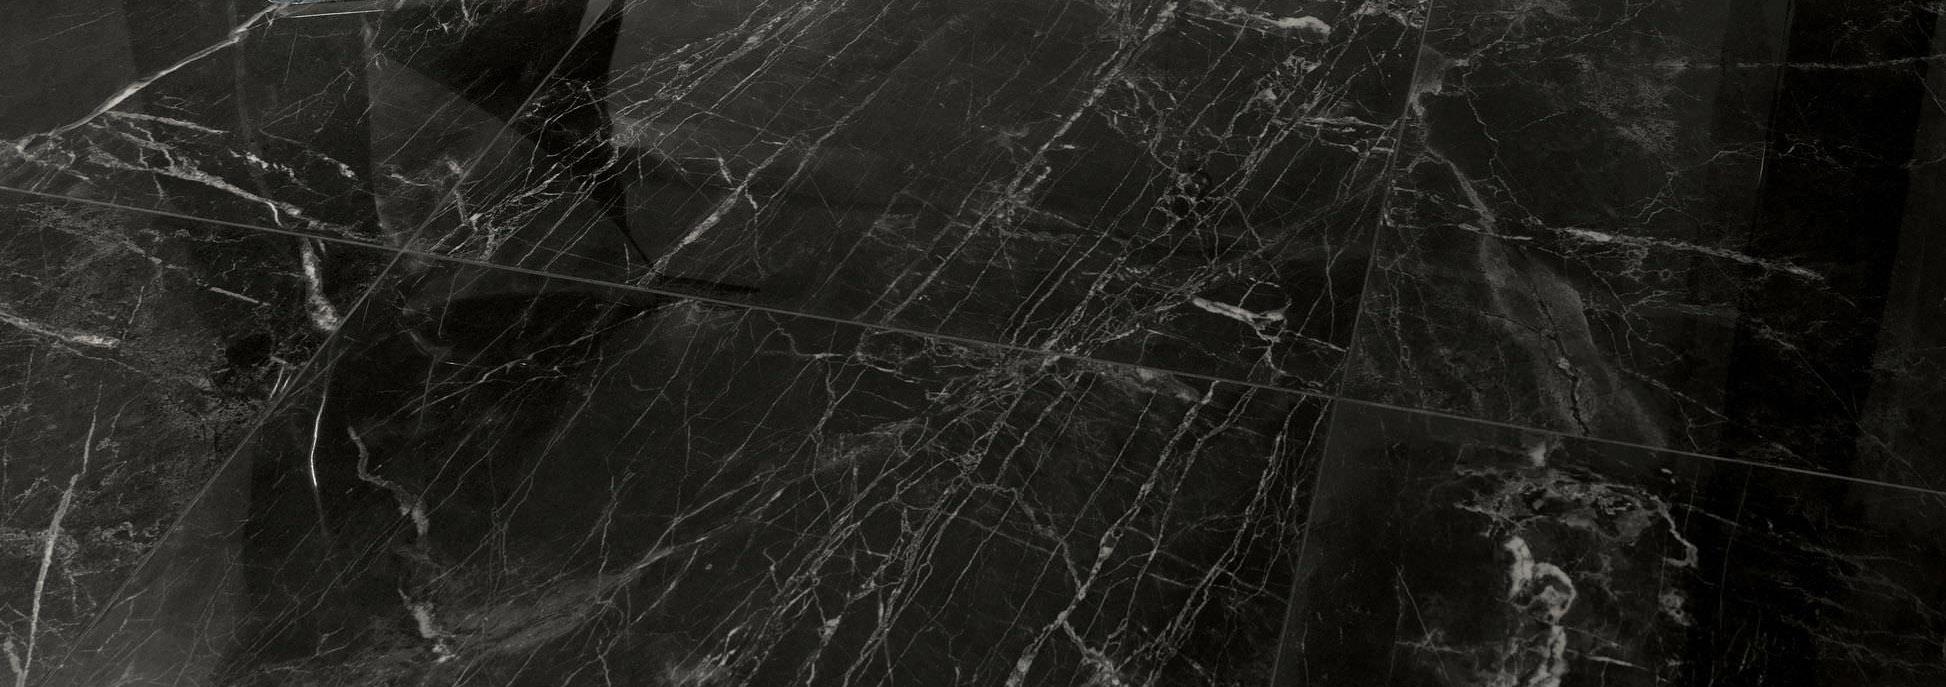 Riparazione marmo rotto Monza